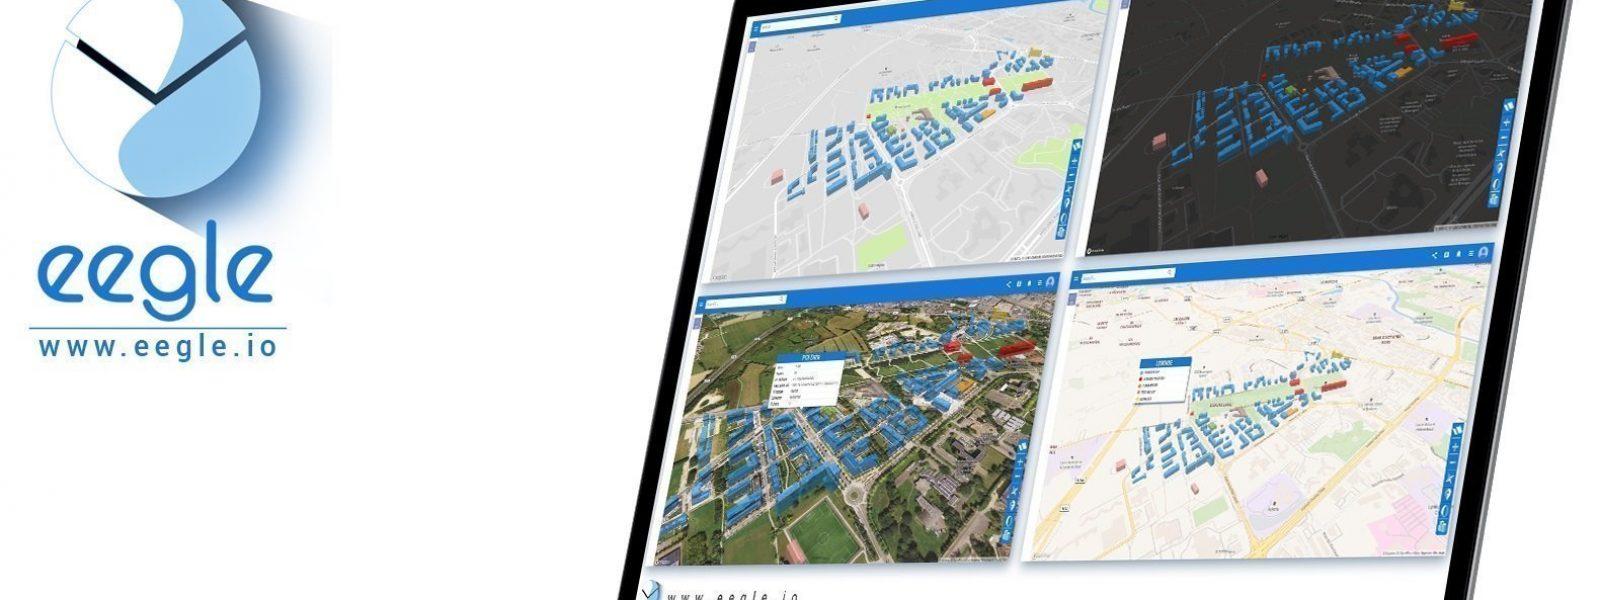 Eegle - plateforme de données cartographique